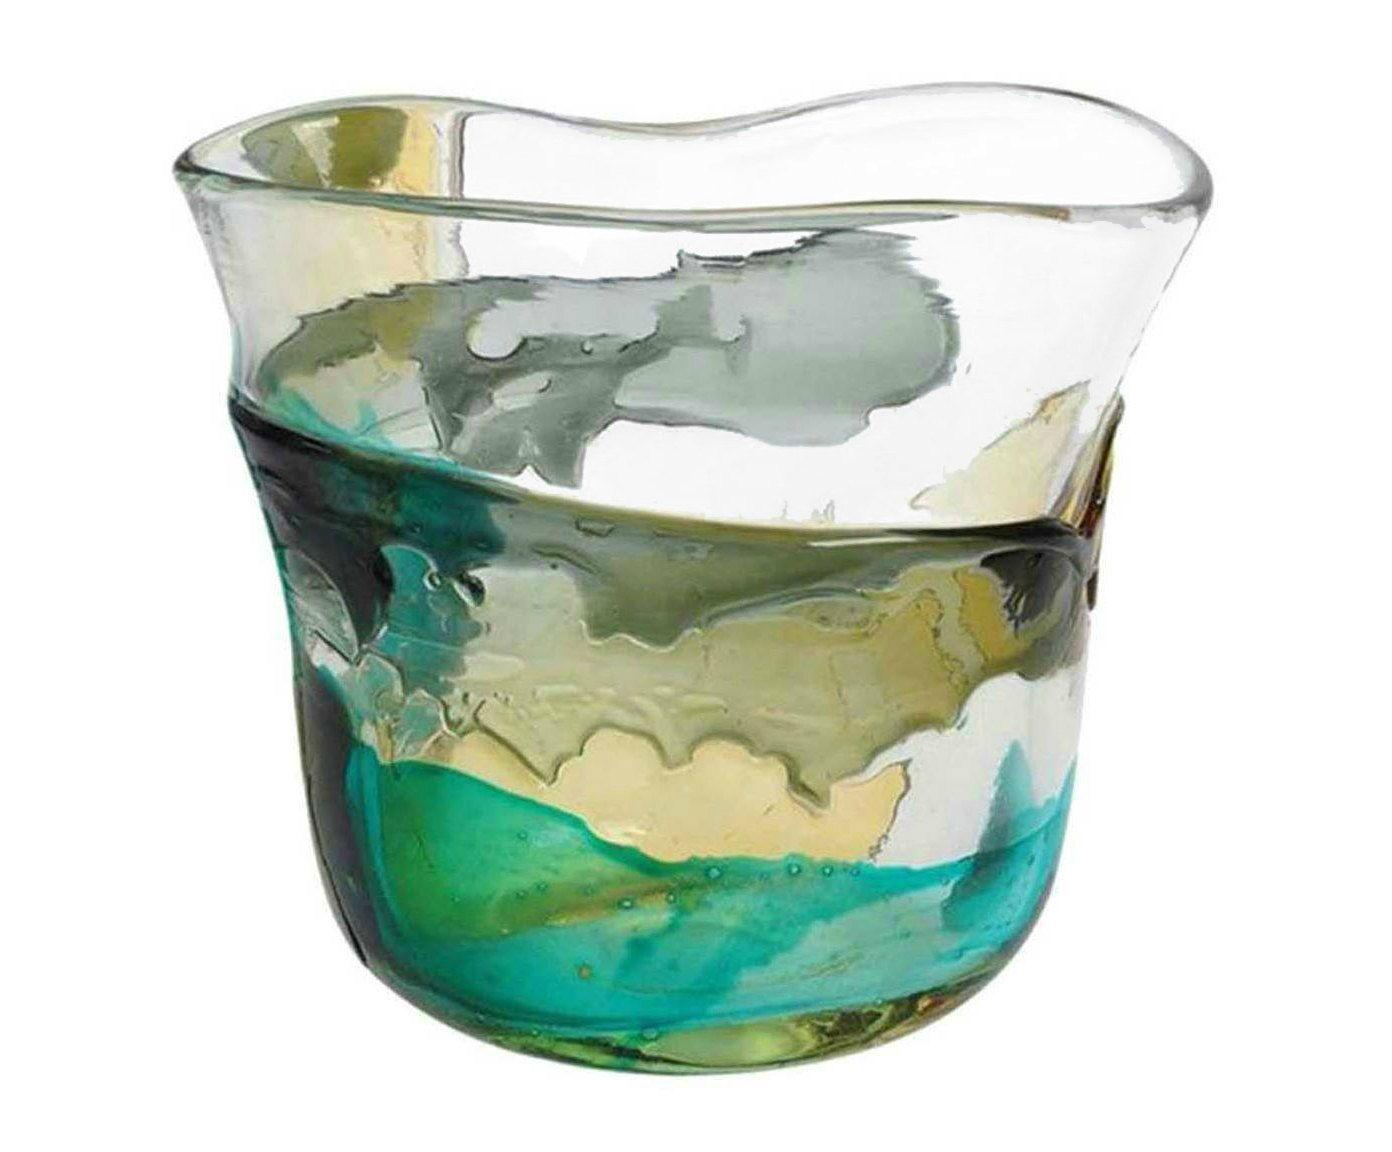 Vaso okulo nalz - 24 x 22 cm   Westwing.com.br